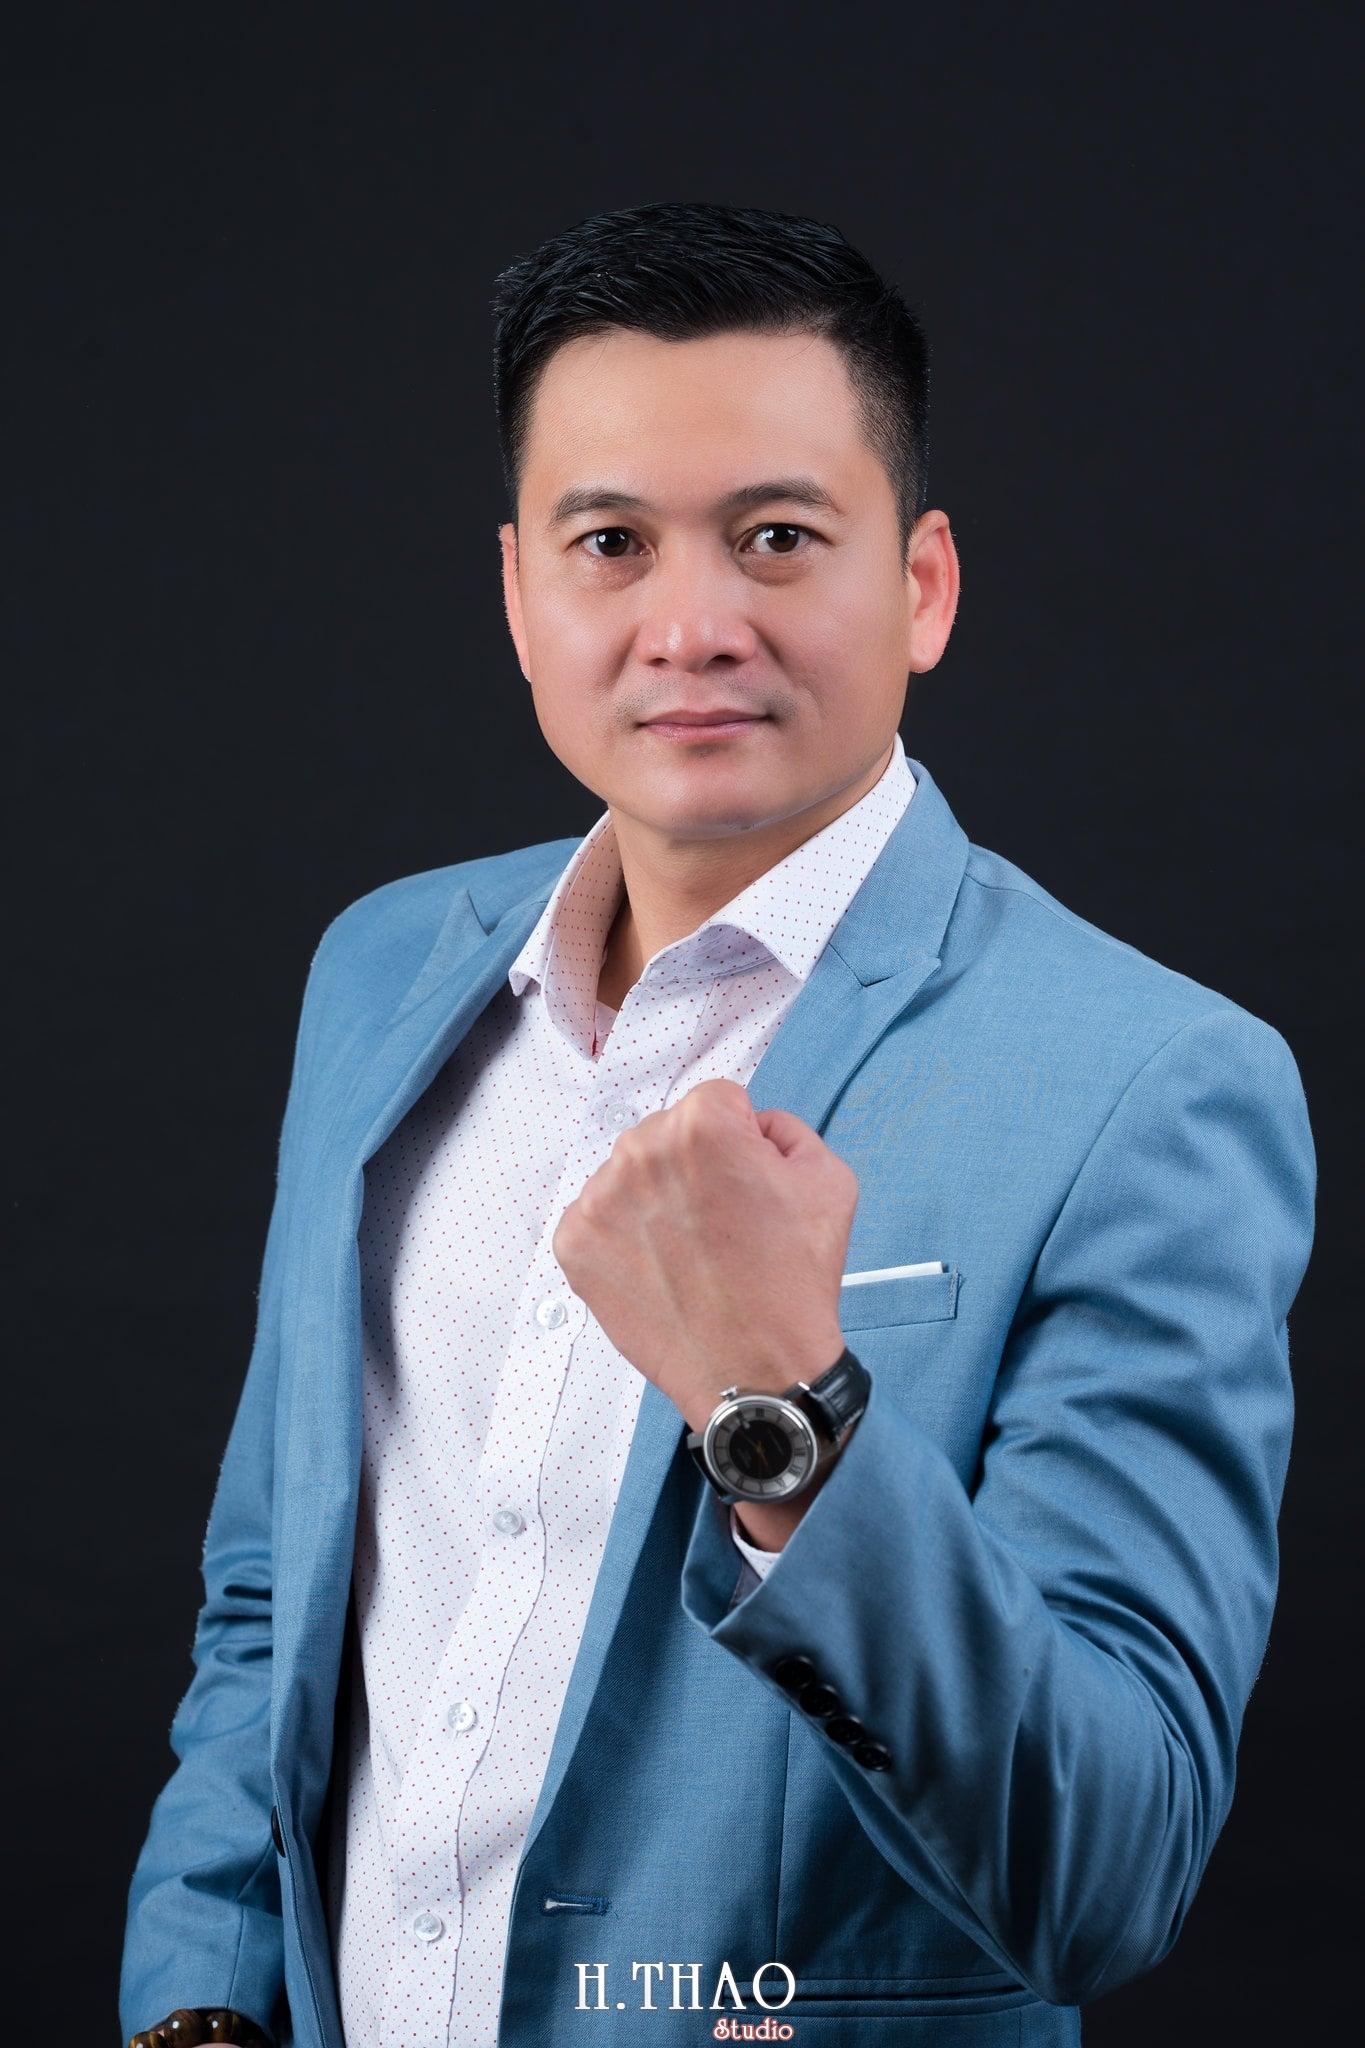 nh nam doanh nhân đẹp - Studio chuyên chụp ảnh chân dung doanh nhân tại Tp.HCM- HThaoStudio